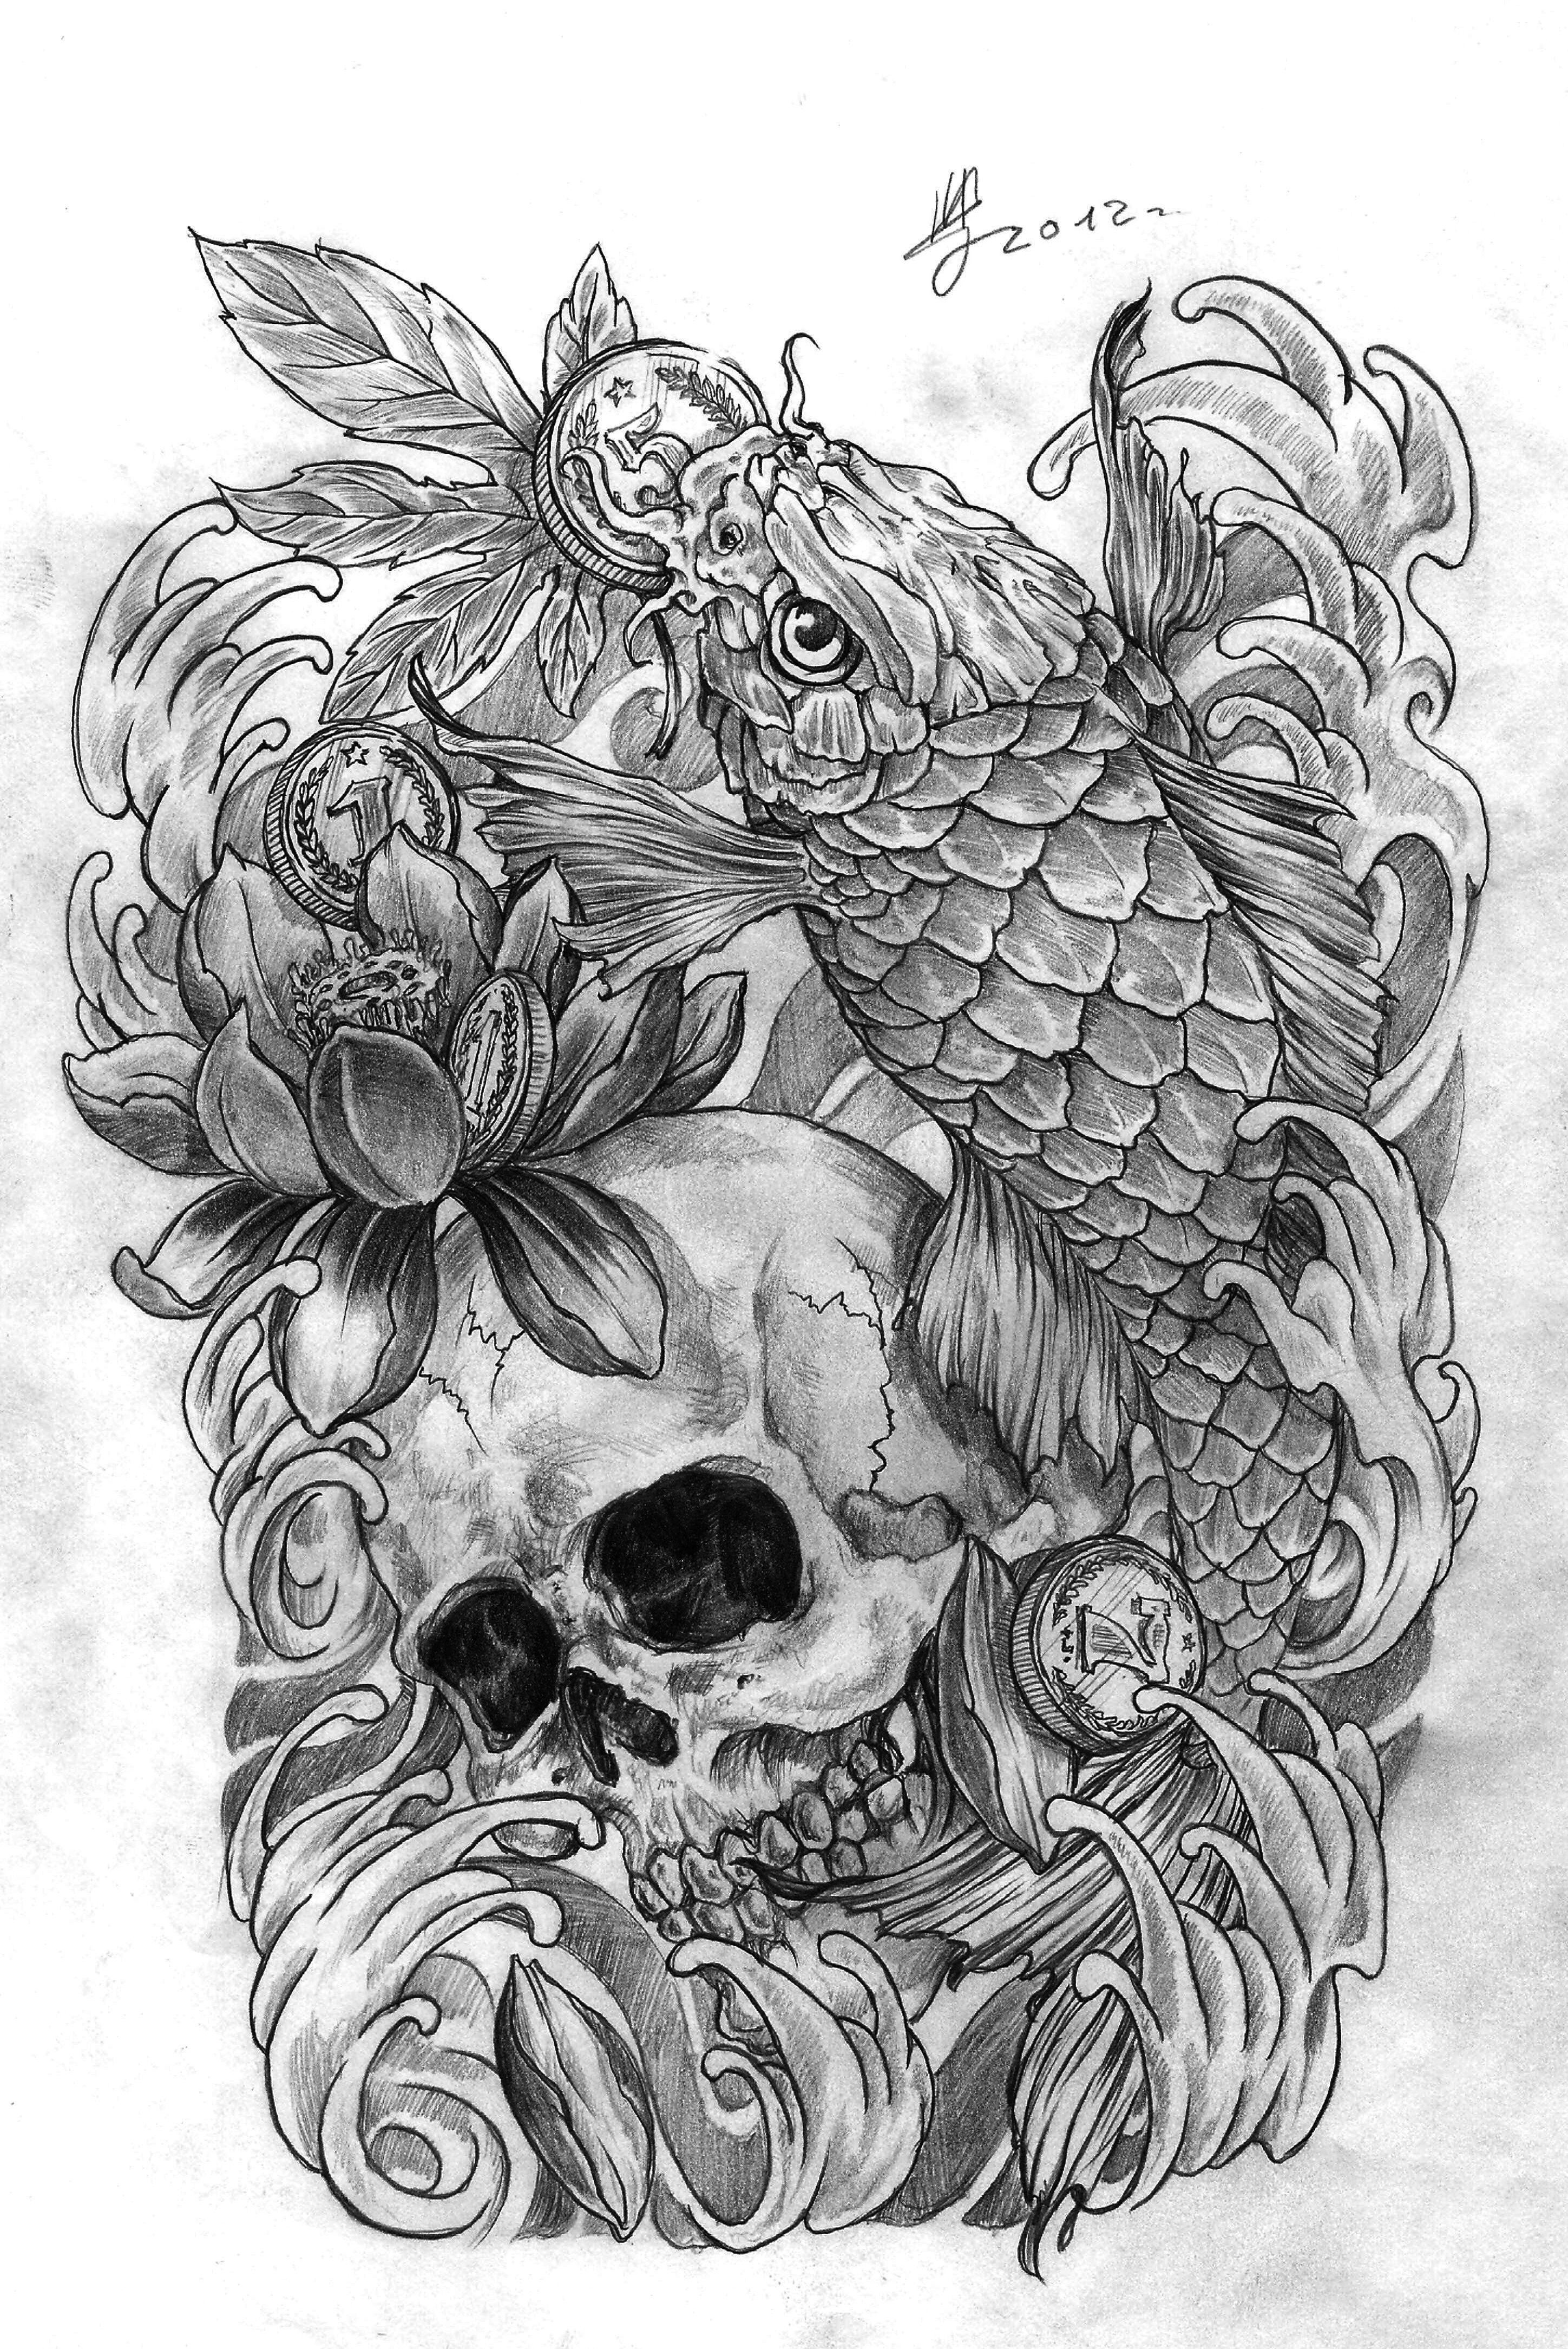 Татуировки для сади вест фото 415-40